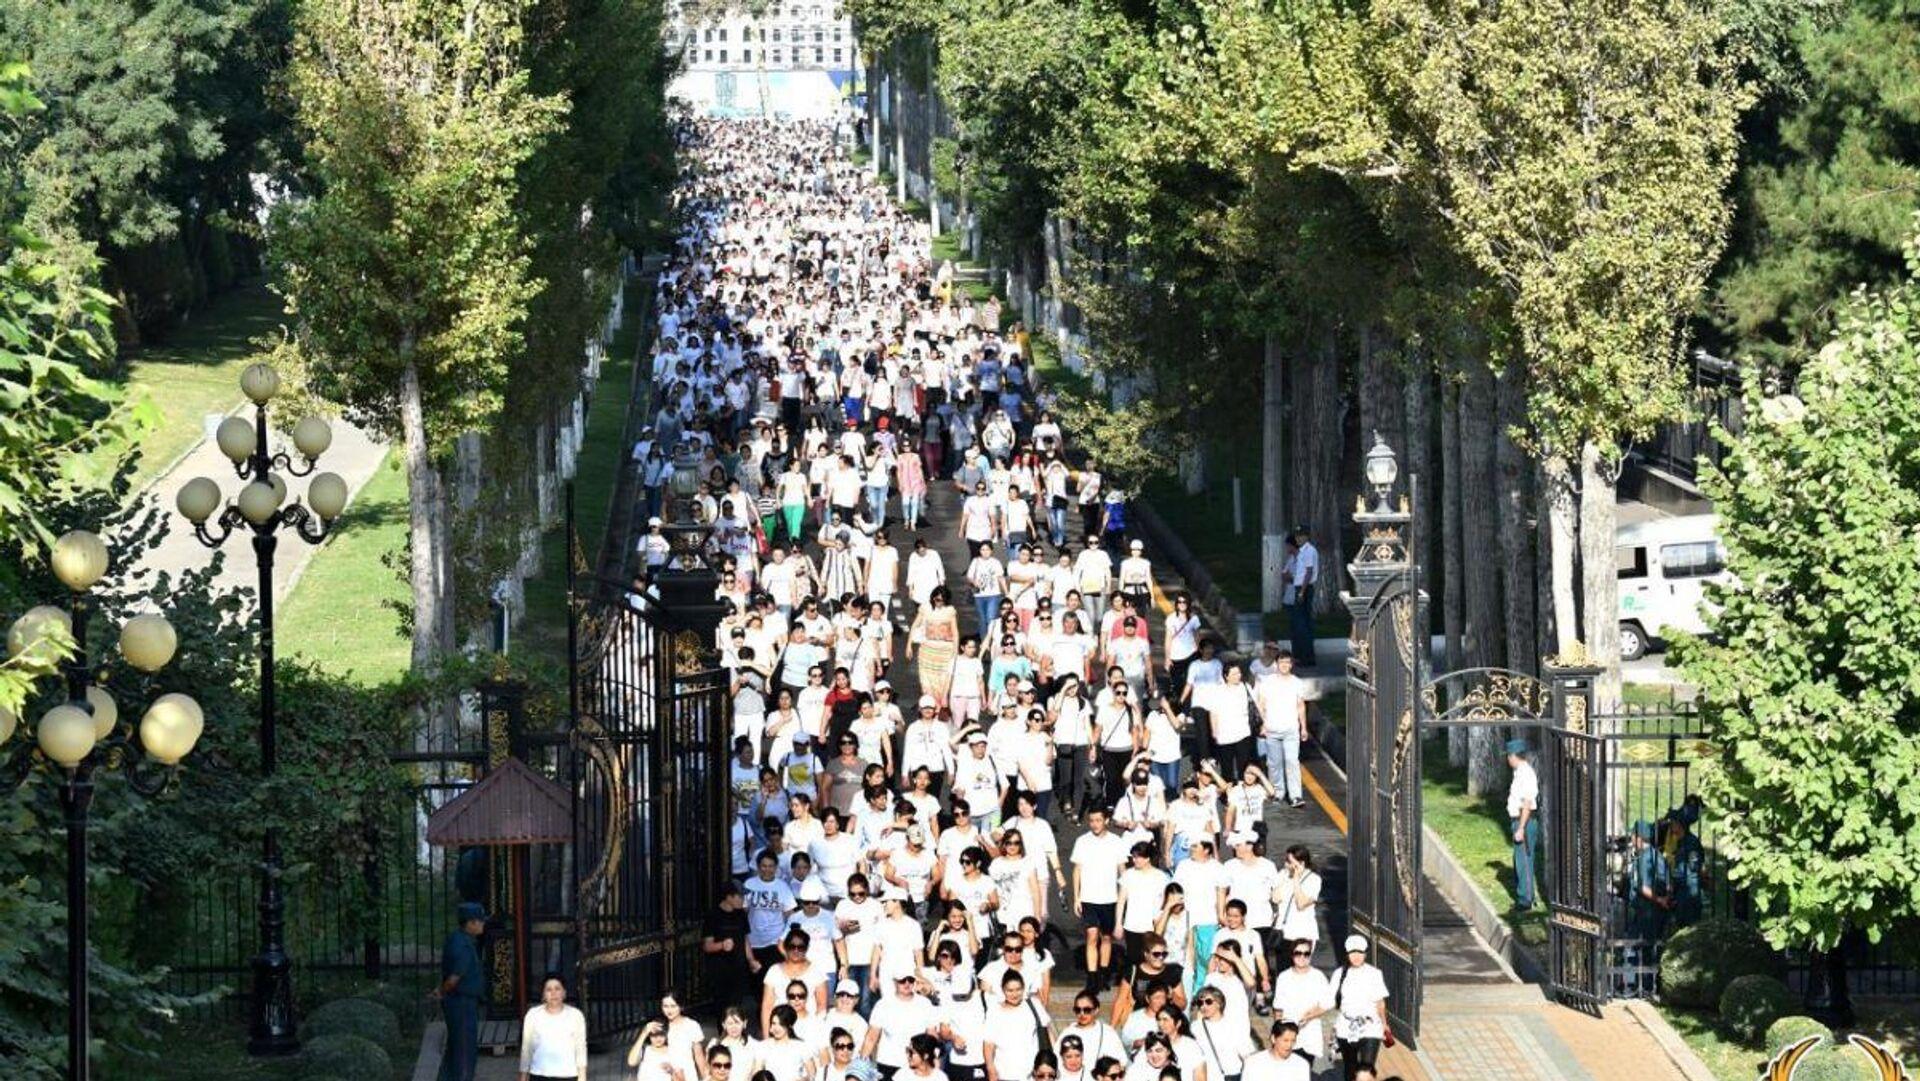 Жители Ташкента приняли участие в Массовой ходьбе - Sputnik Узбекистан, 1920, 07.09.2021